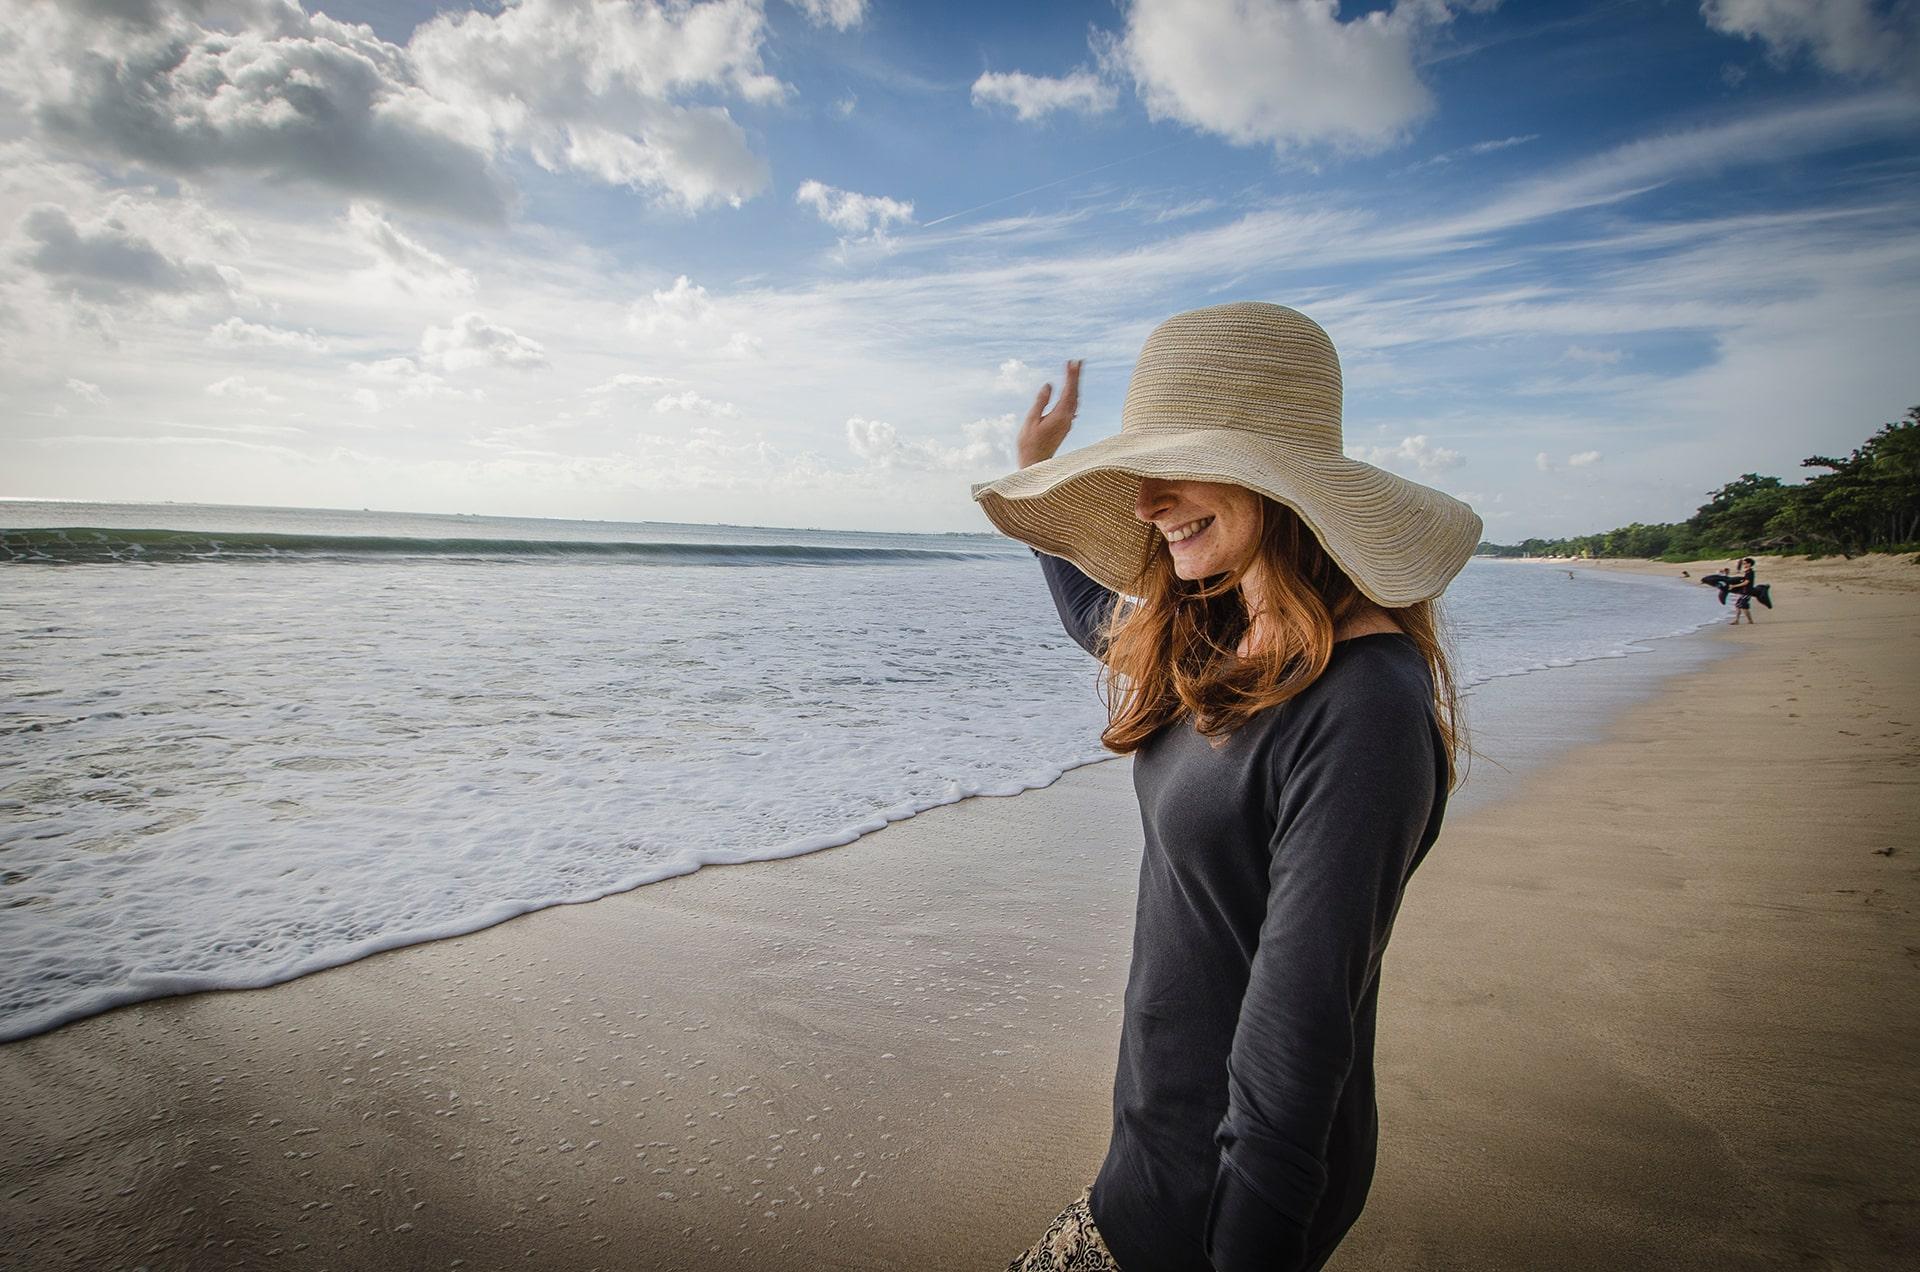 Blog Lifestyle - Peau protégé, vacances assurée :0) - Suivre sa Joie - Saskia Parein